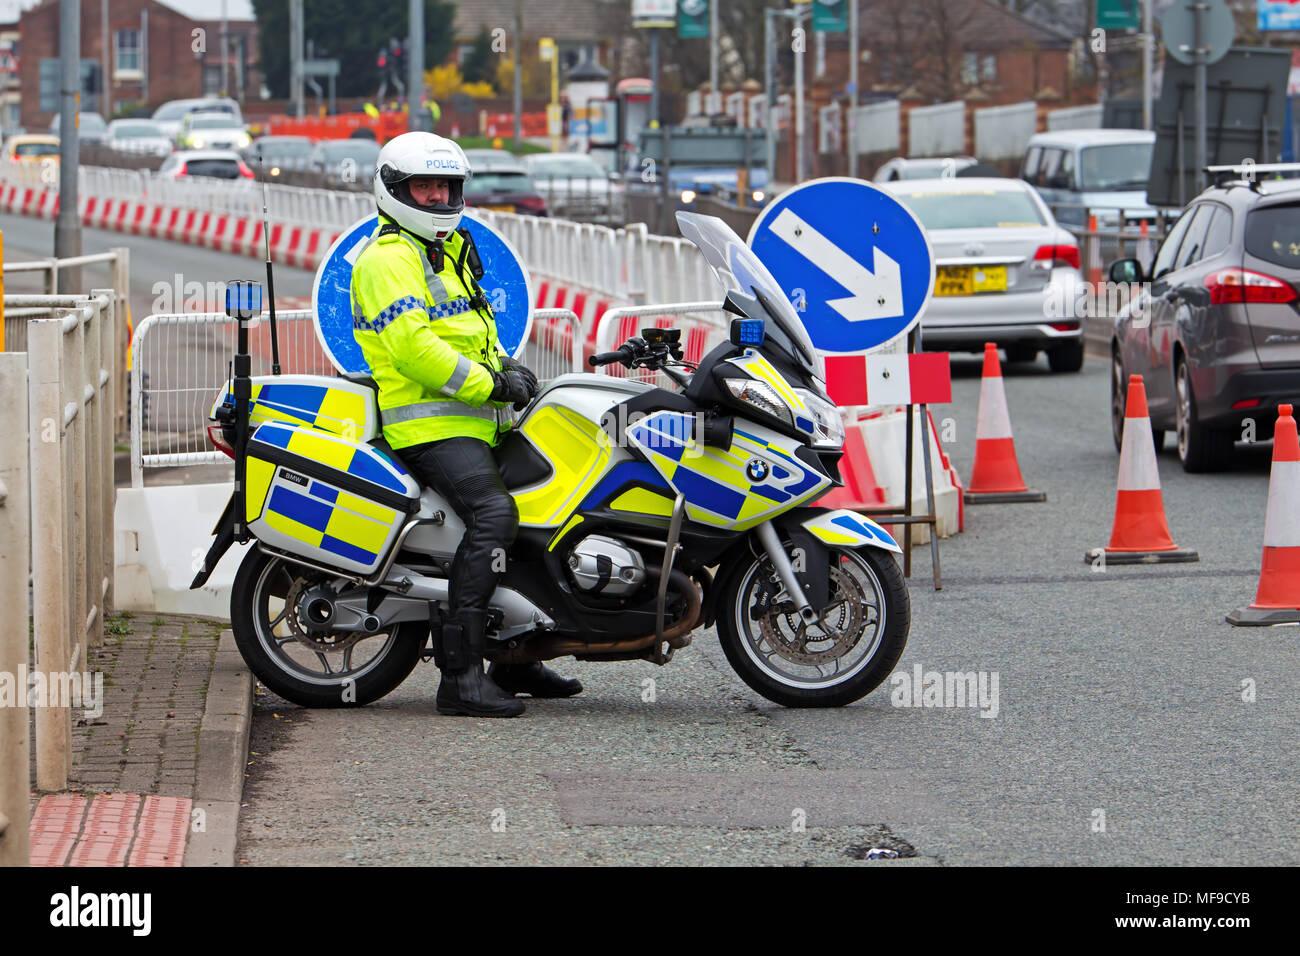 Oficial de la policía británica de motocicletas en su motocicleta BMW en el gran encuentro nacional en Liverpool 2018 Imagen De Stock